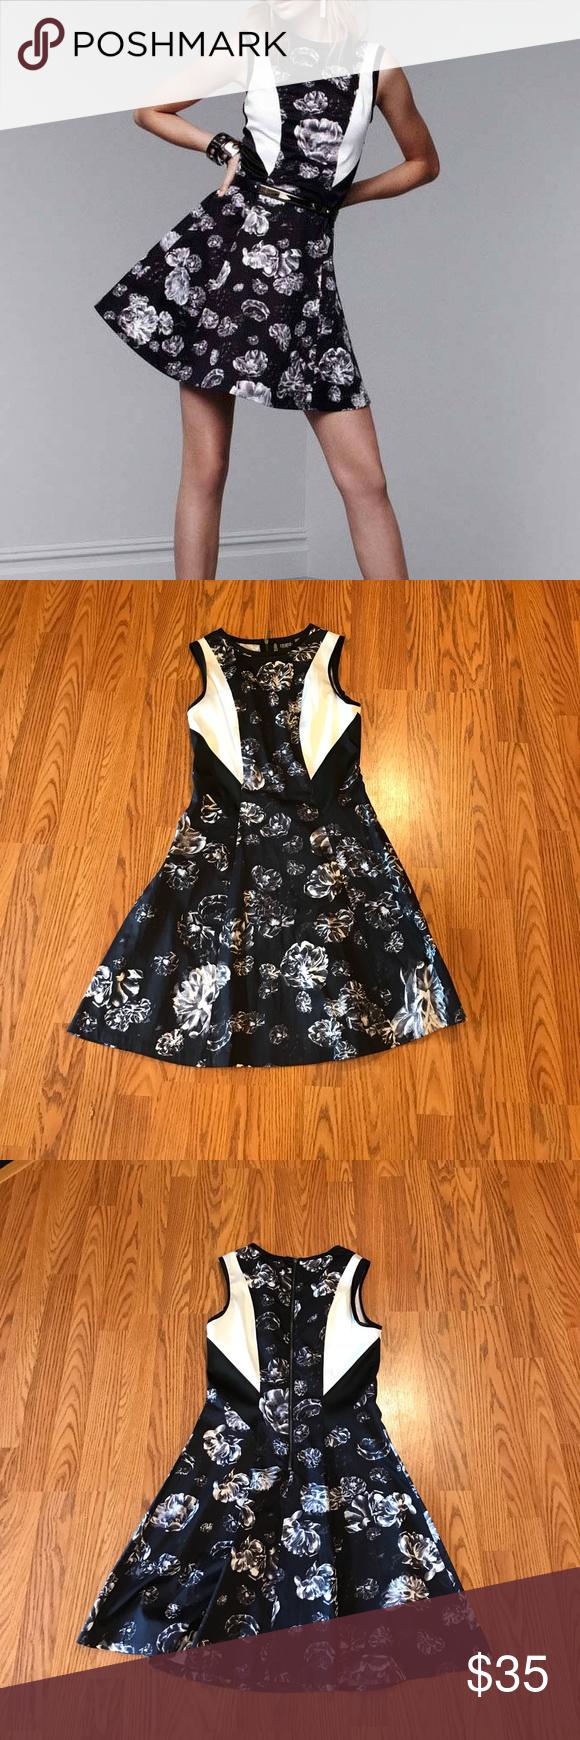 """Prabal Gurung for Target Floral Print Dress Pre-Loved excellent condition. 32"""" shoulder to hem, 15"""" armpit to armpit 14"""" waist. Size 6 Prabal Gurung for Target Dresses"""